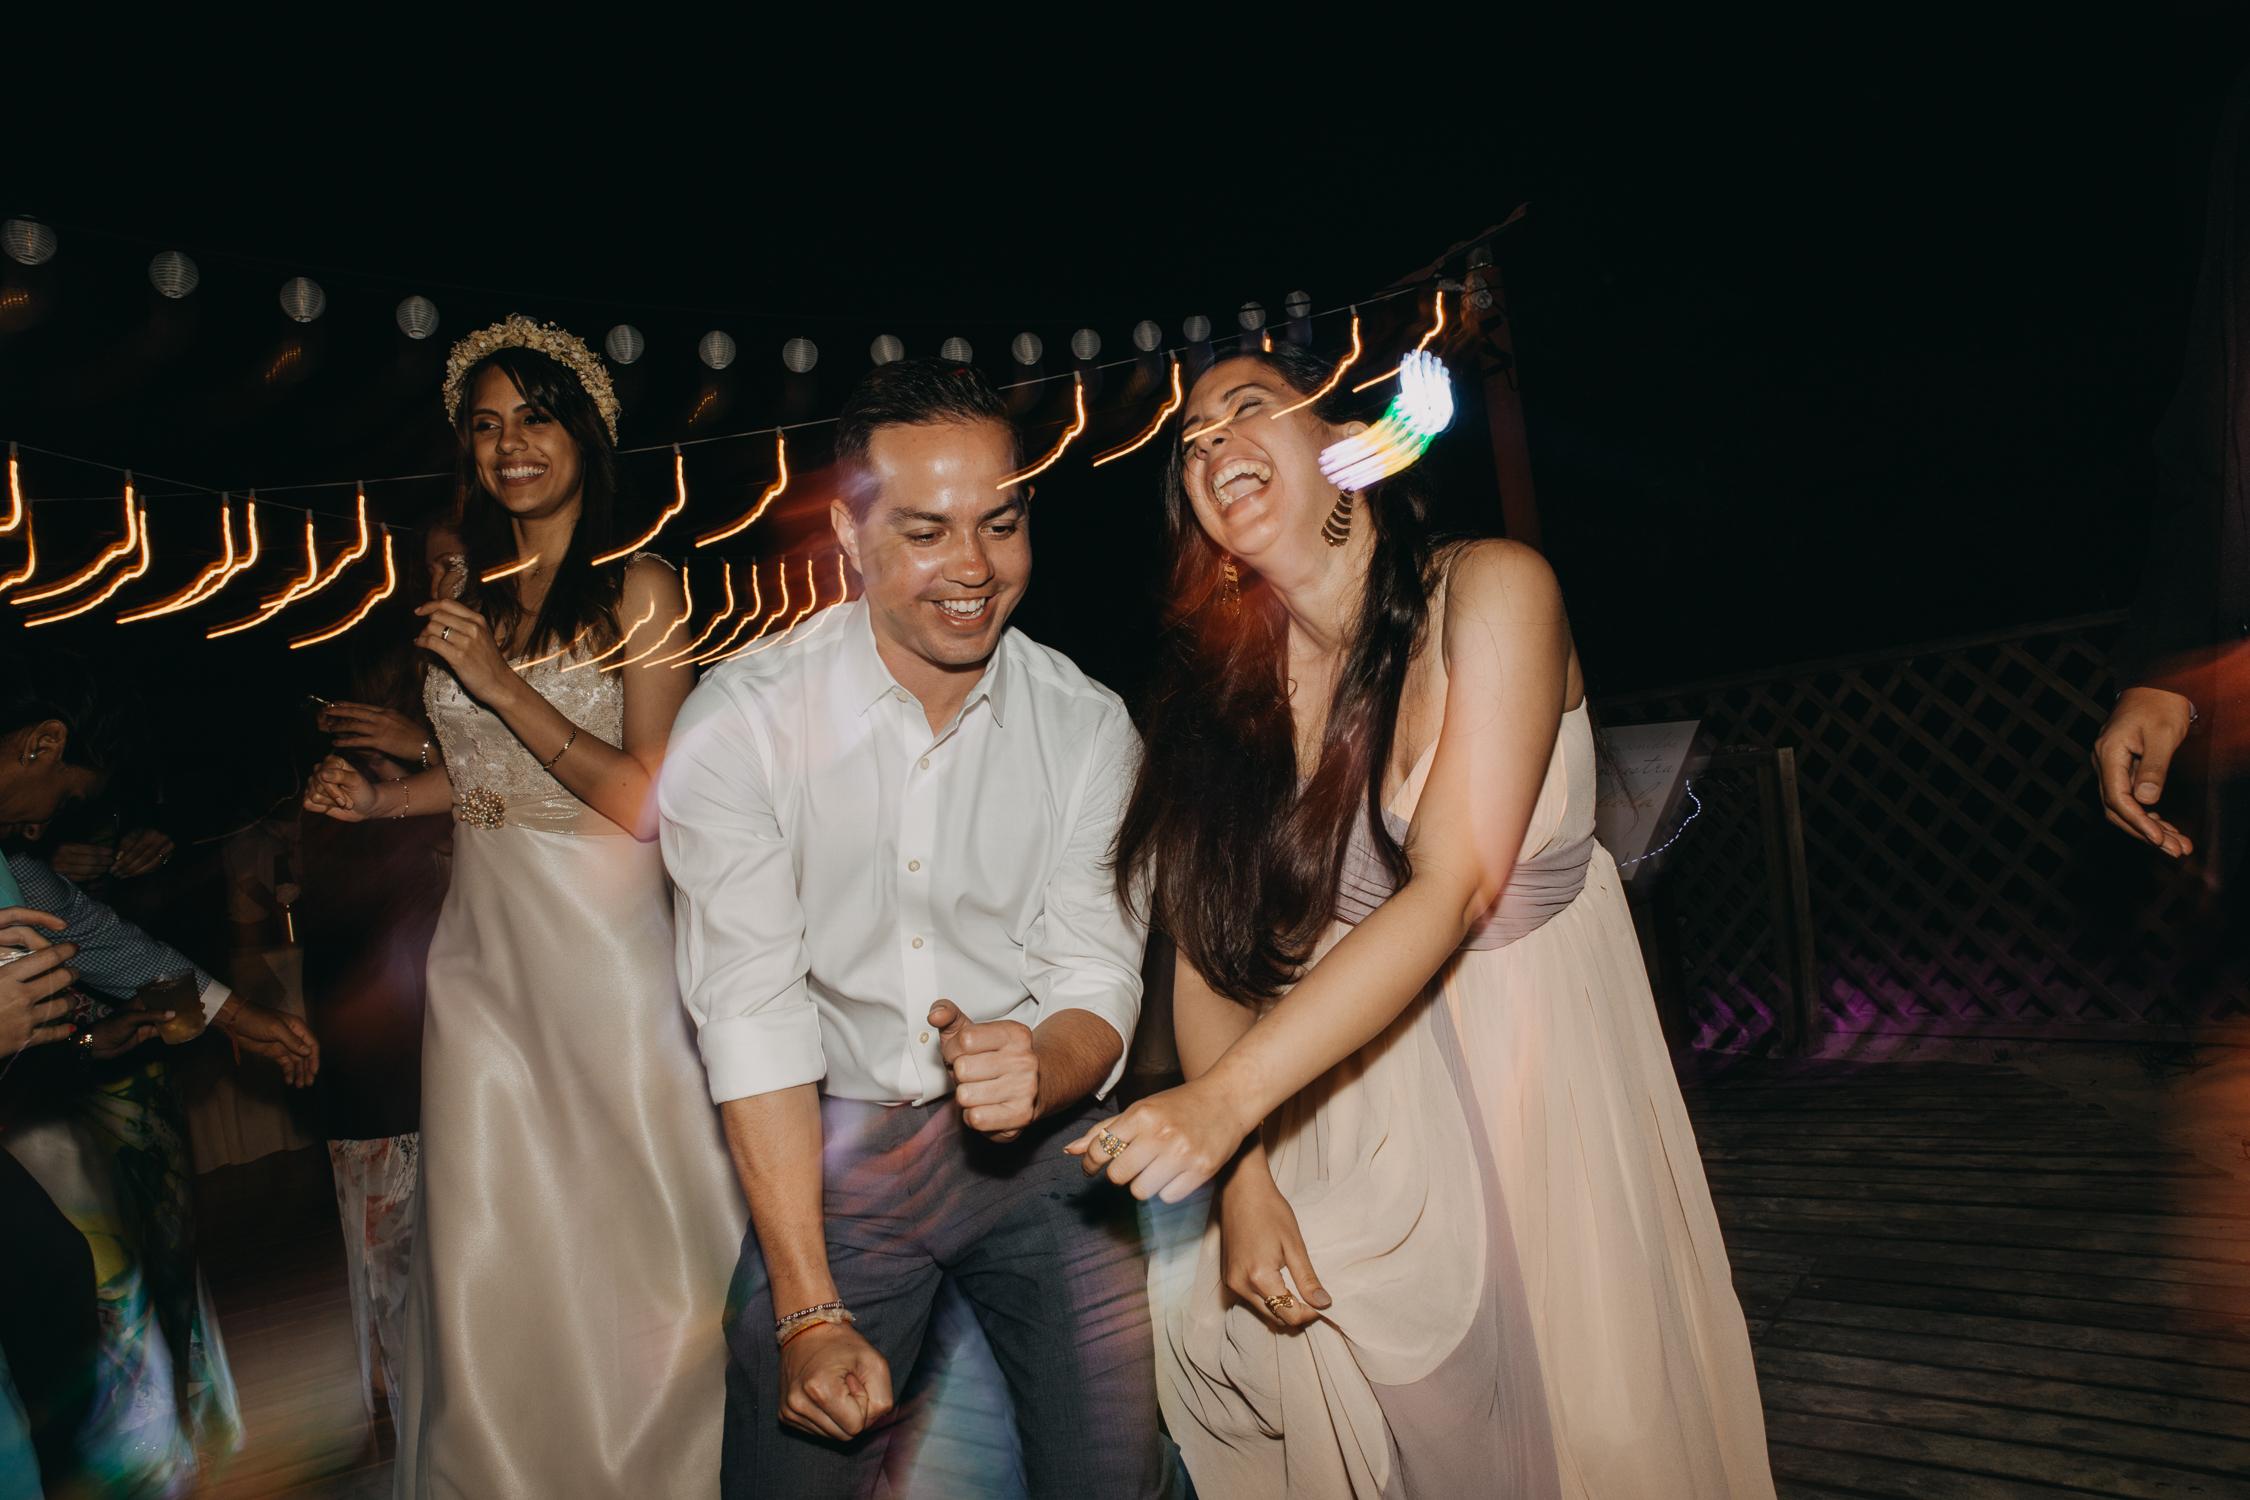 Michelle-Agurto-Fotografia-Bodas-Ecuador-Destination-Wedding-Photographer-Galapagos-Andrea-Joaquin-415.JPG